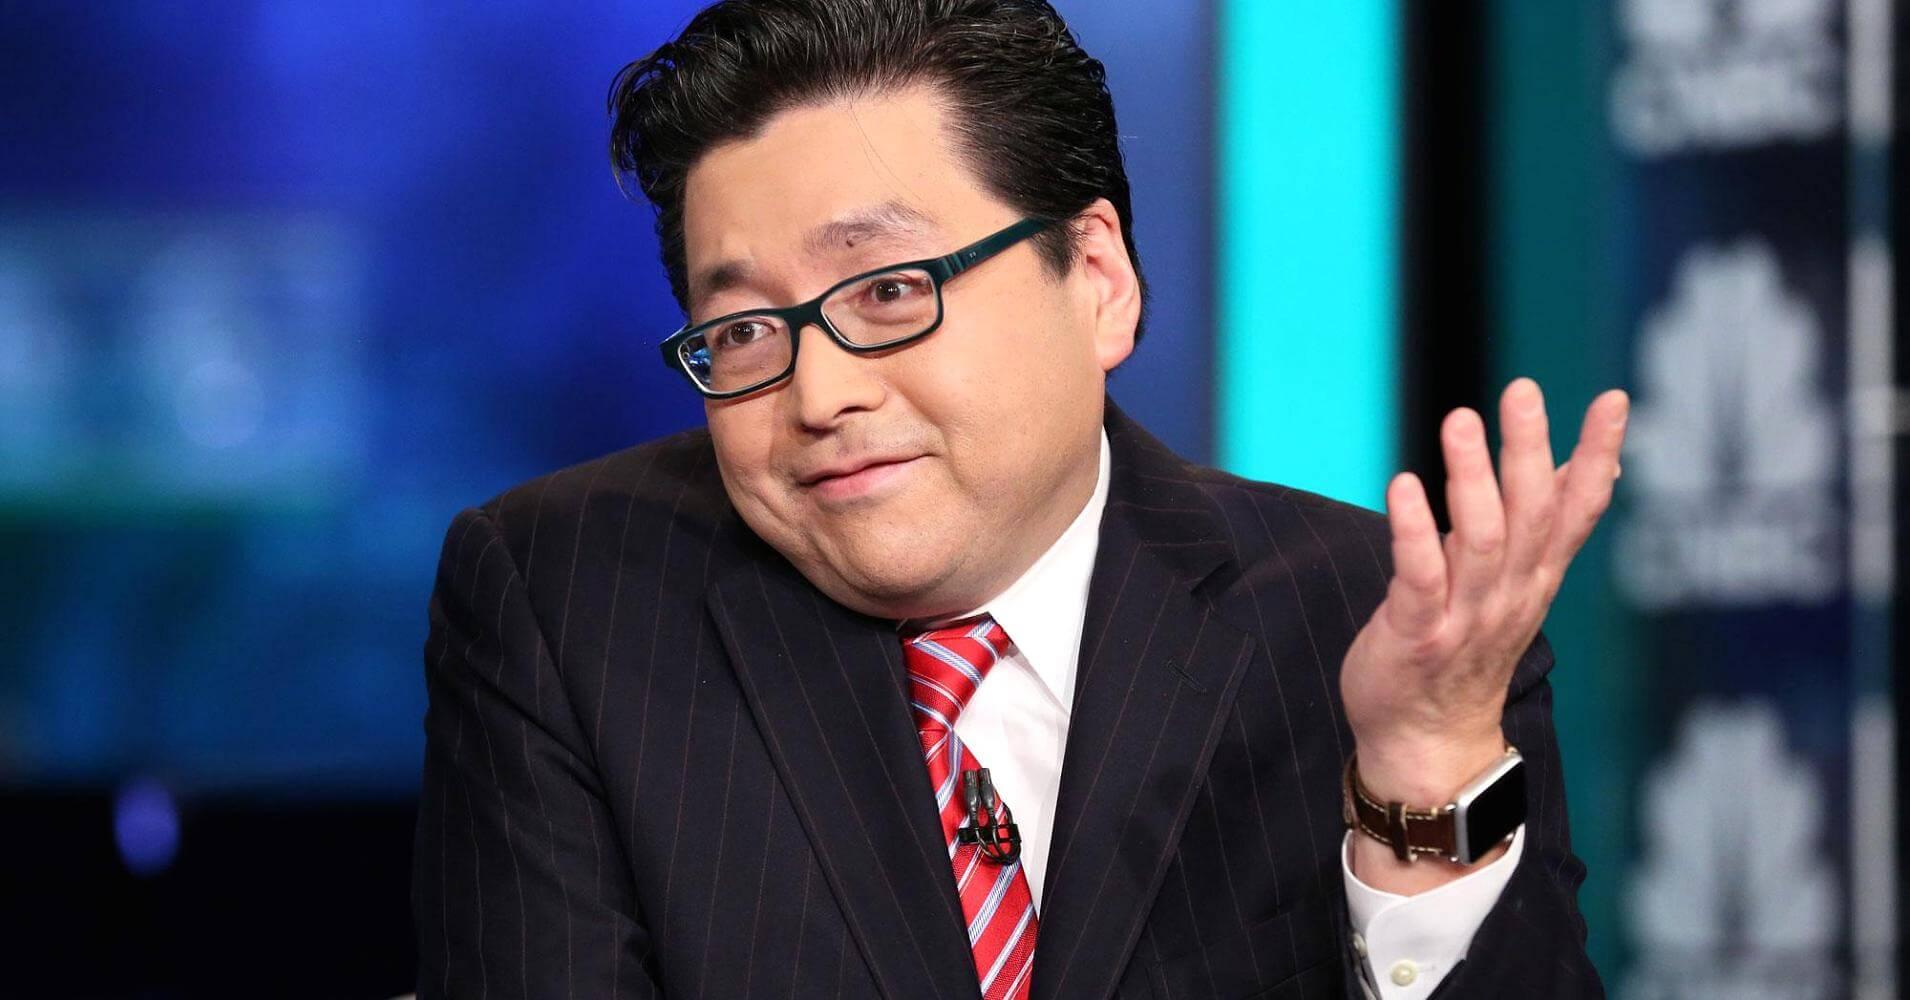 Том Ли: Биткоин будет стоить 25 тыс долларов к концу 2018 года